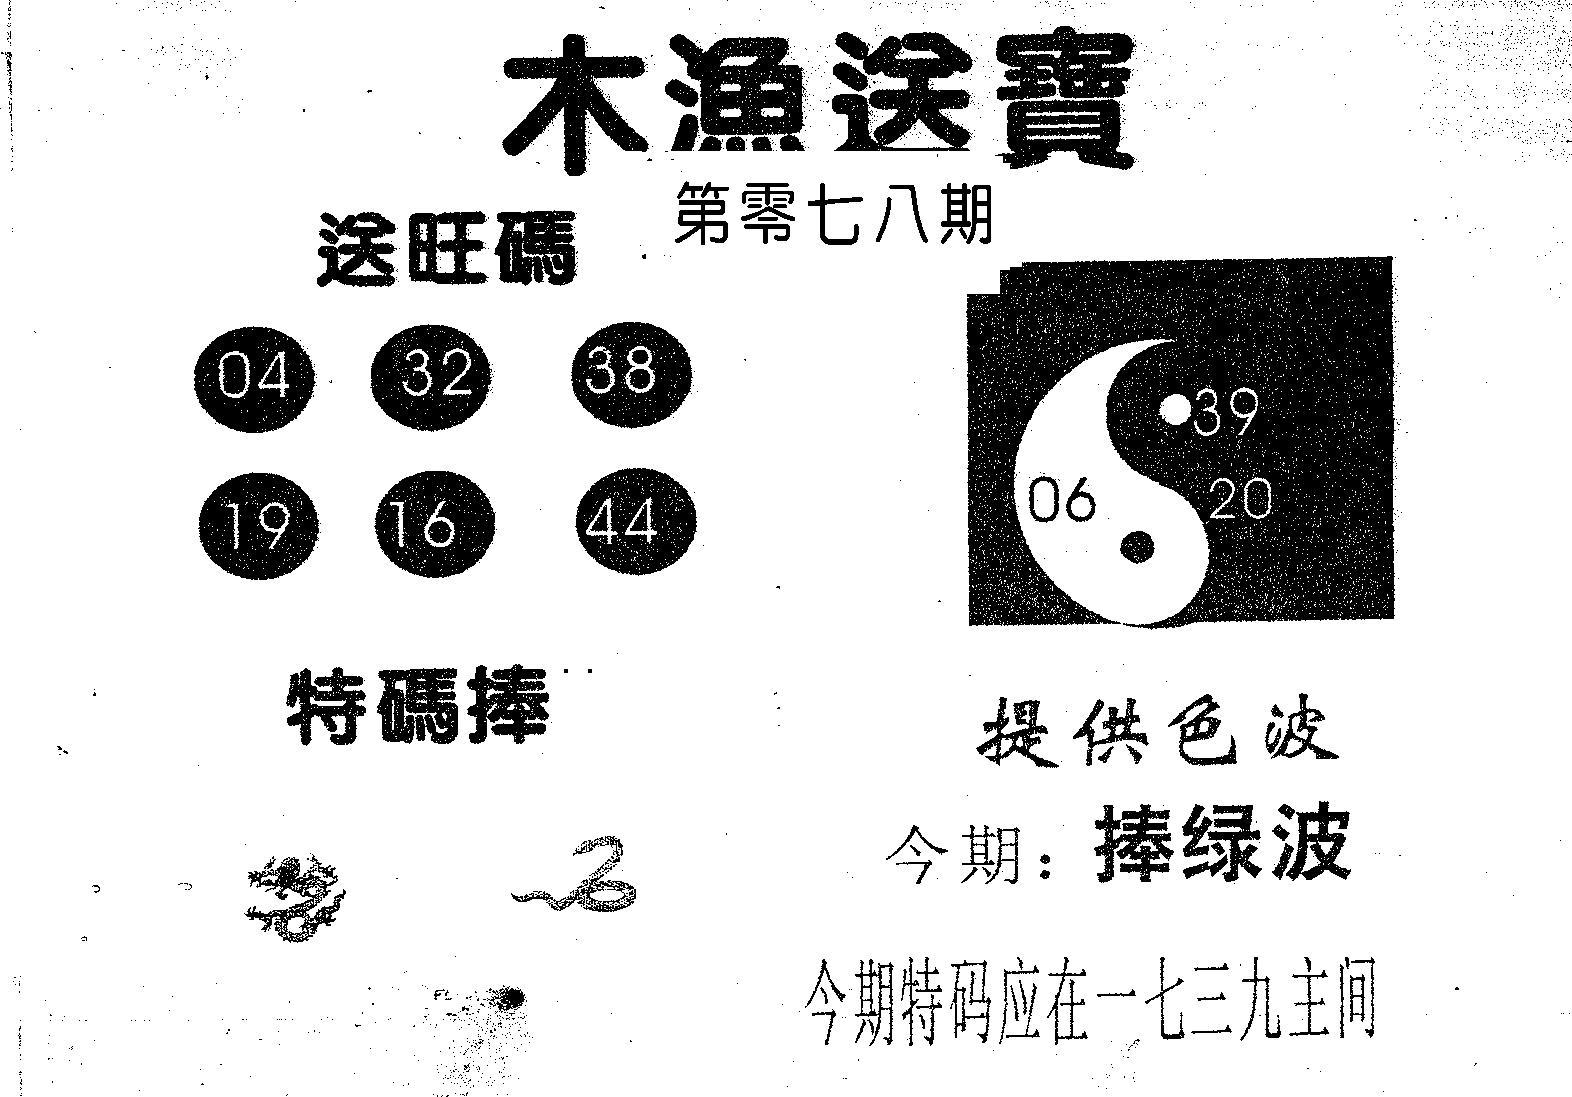 078期木渔送宝(黑白)